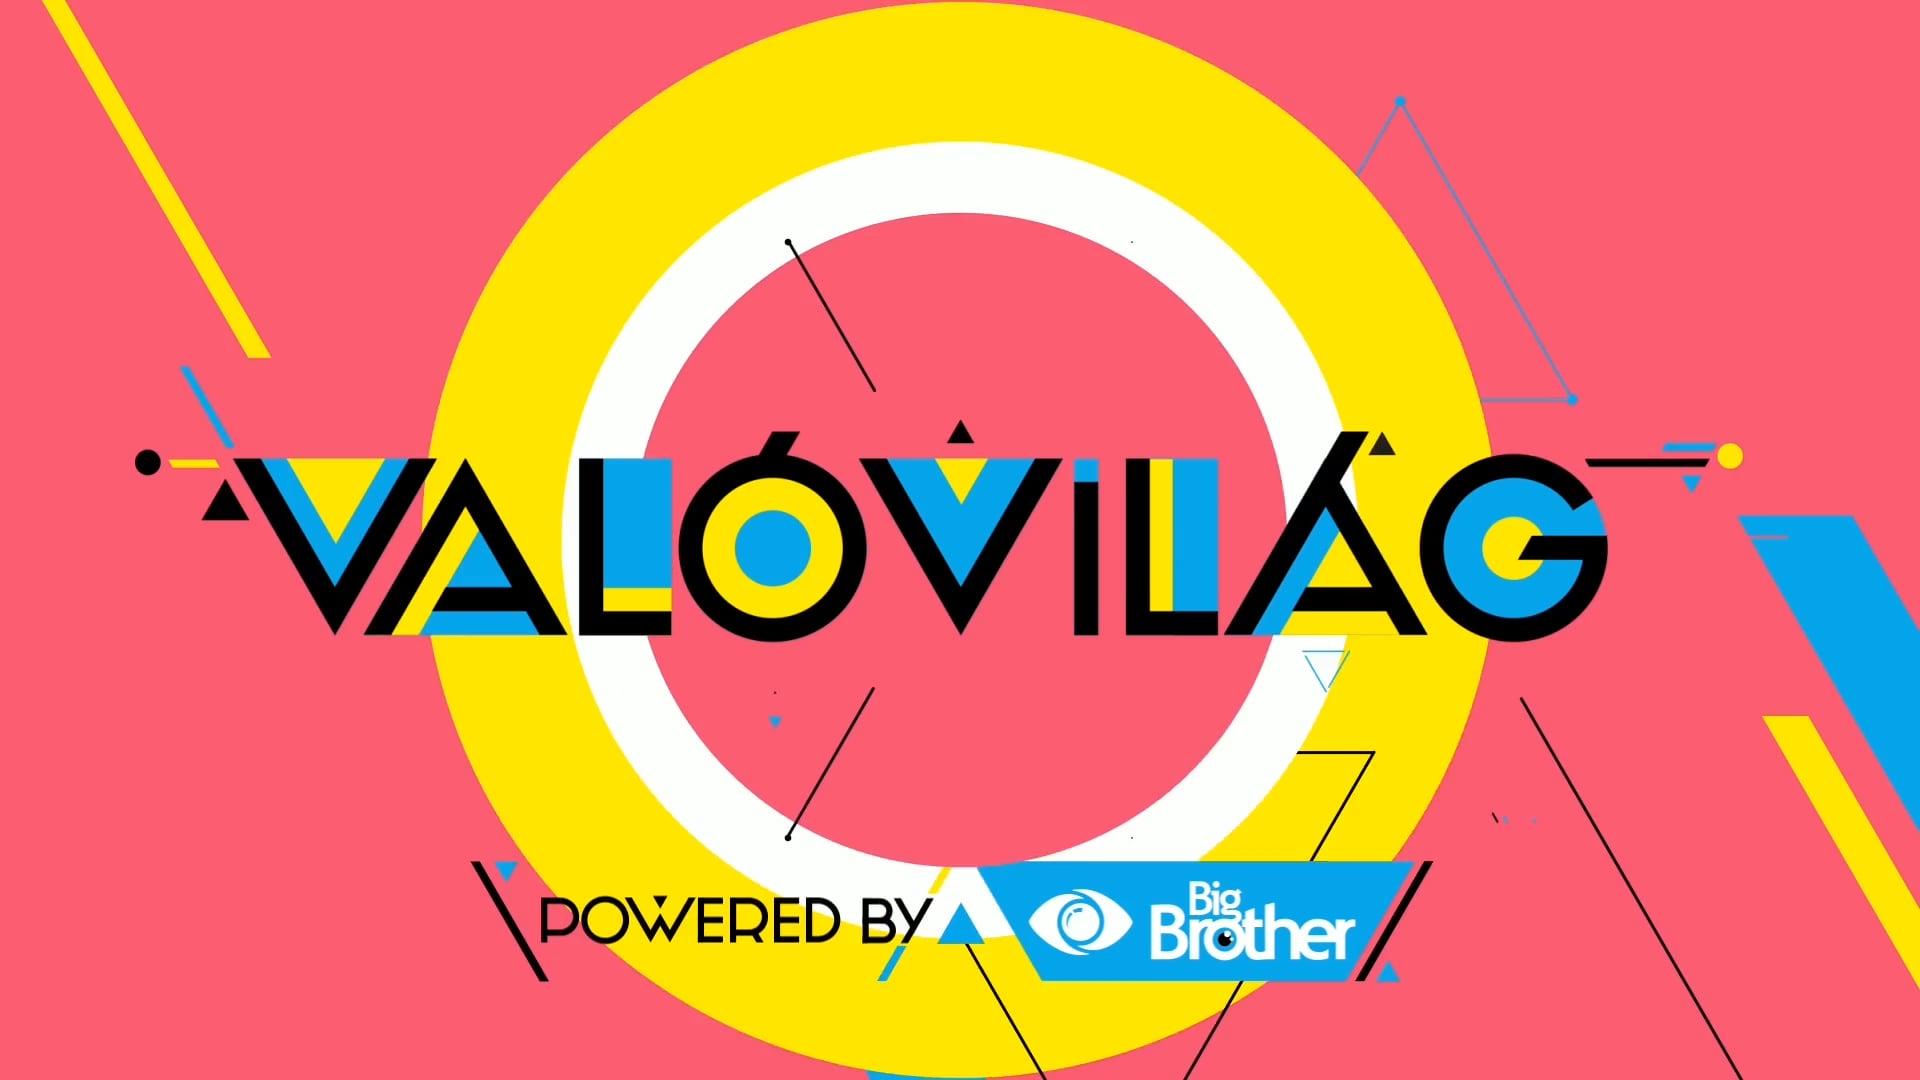 ValóVilág 10 powered by Big Brother | show package, set design